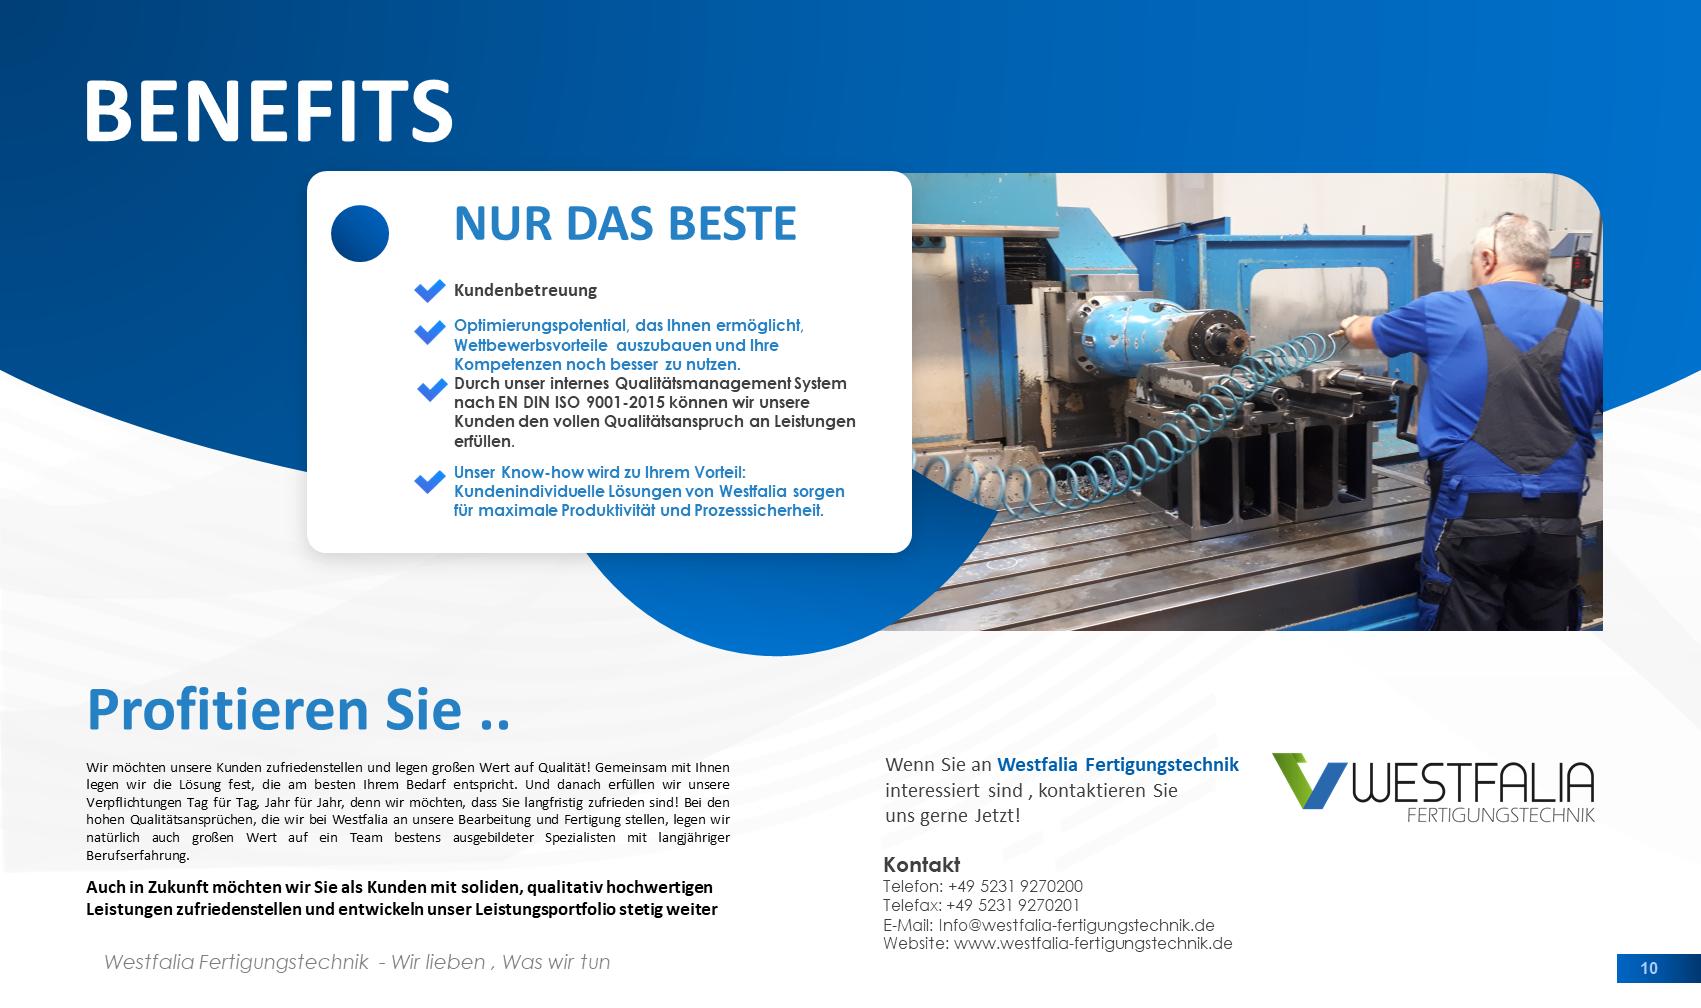 Foto de Westfalia-Fertigungstechnik GmbH Detmold